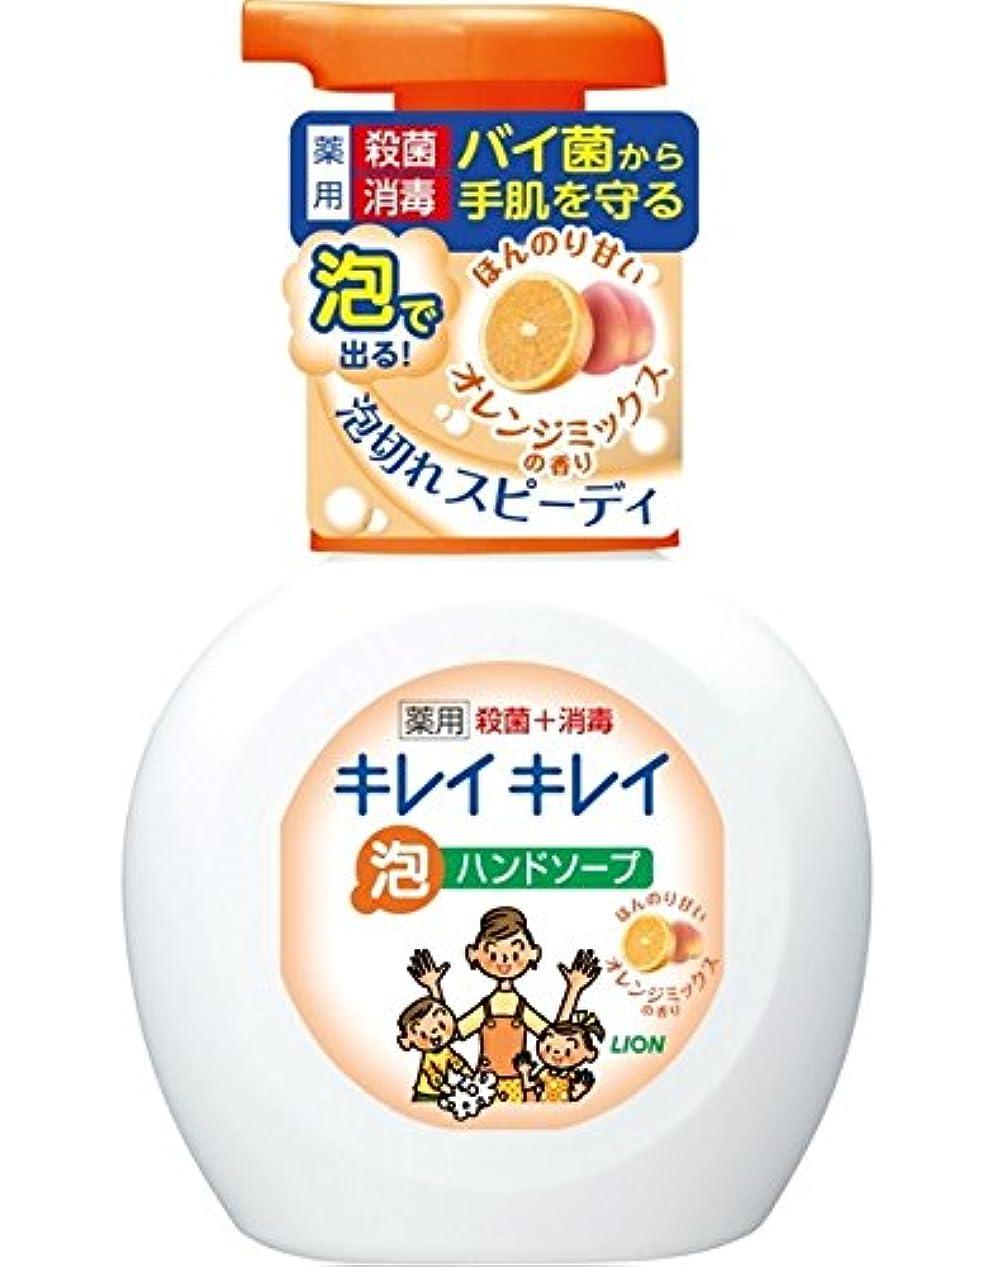 倍率オーバードロー職業キレイキレイ薬用泡ハンドソープオレンジミックスの香りポンプ250mL